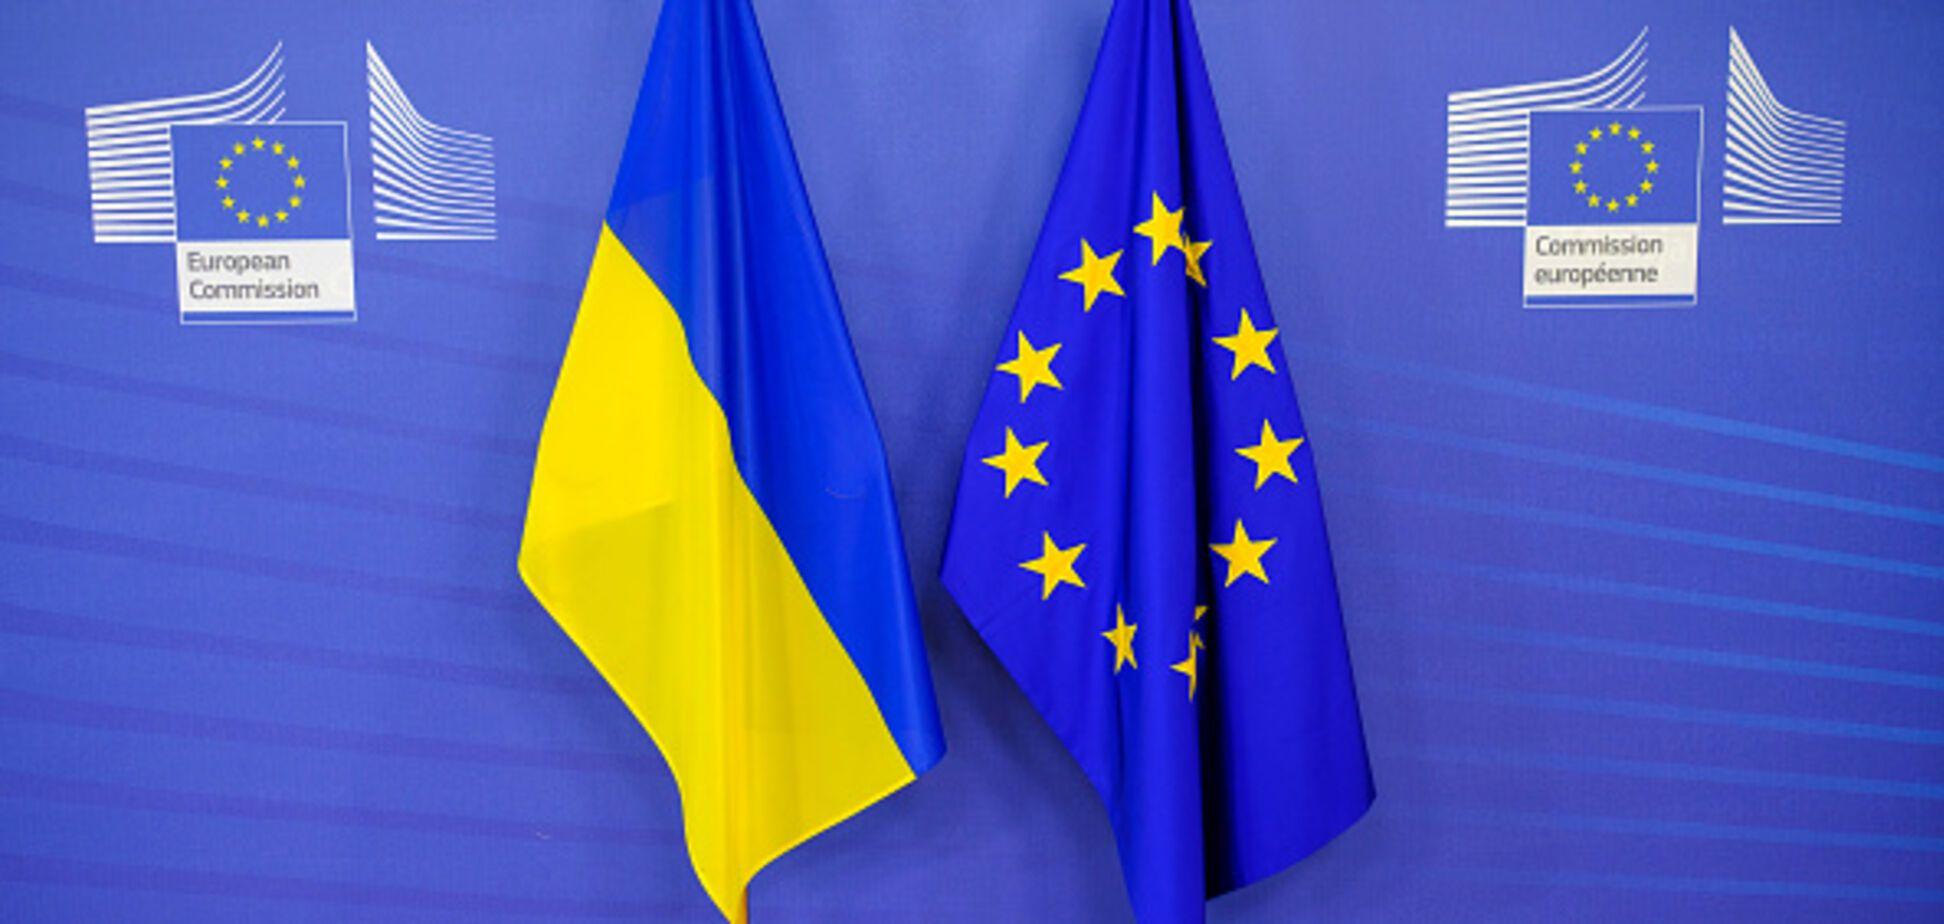 Украина далека от ЕС? Экс-генсек НАТО раскритиковал слова Юнкера